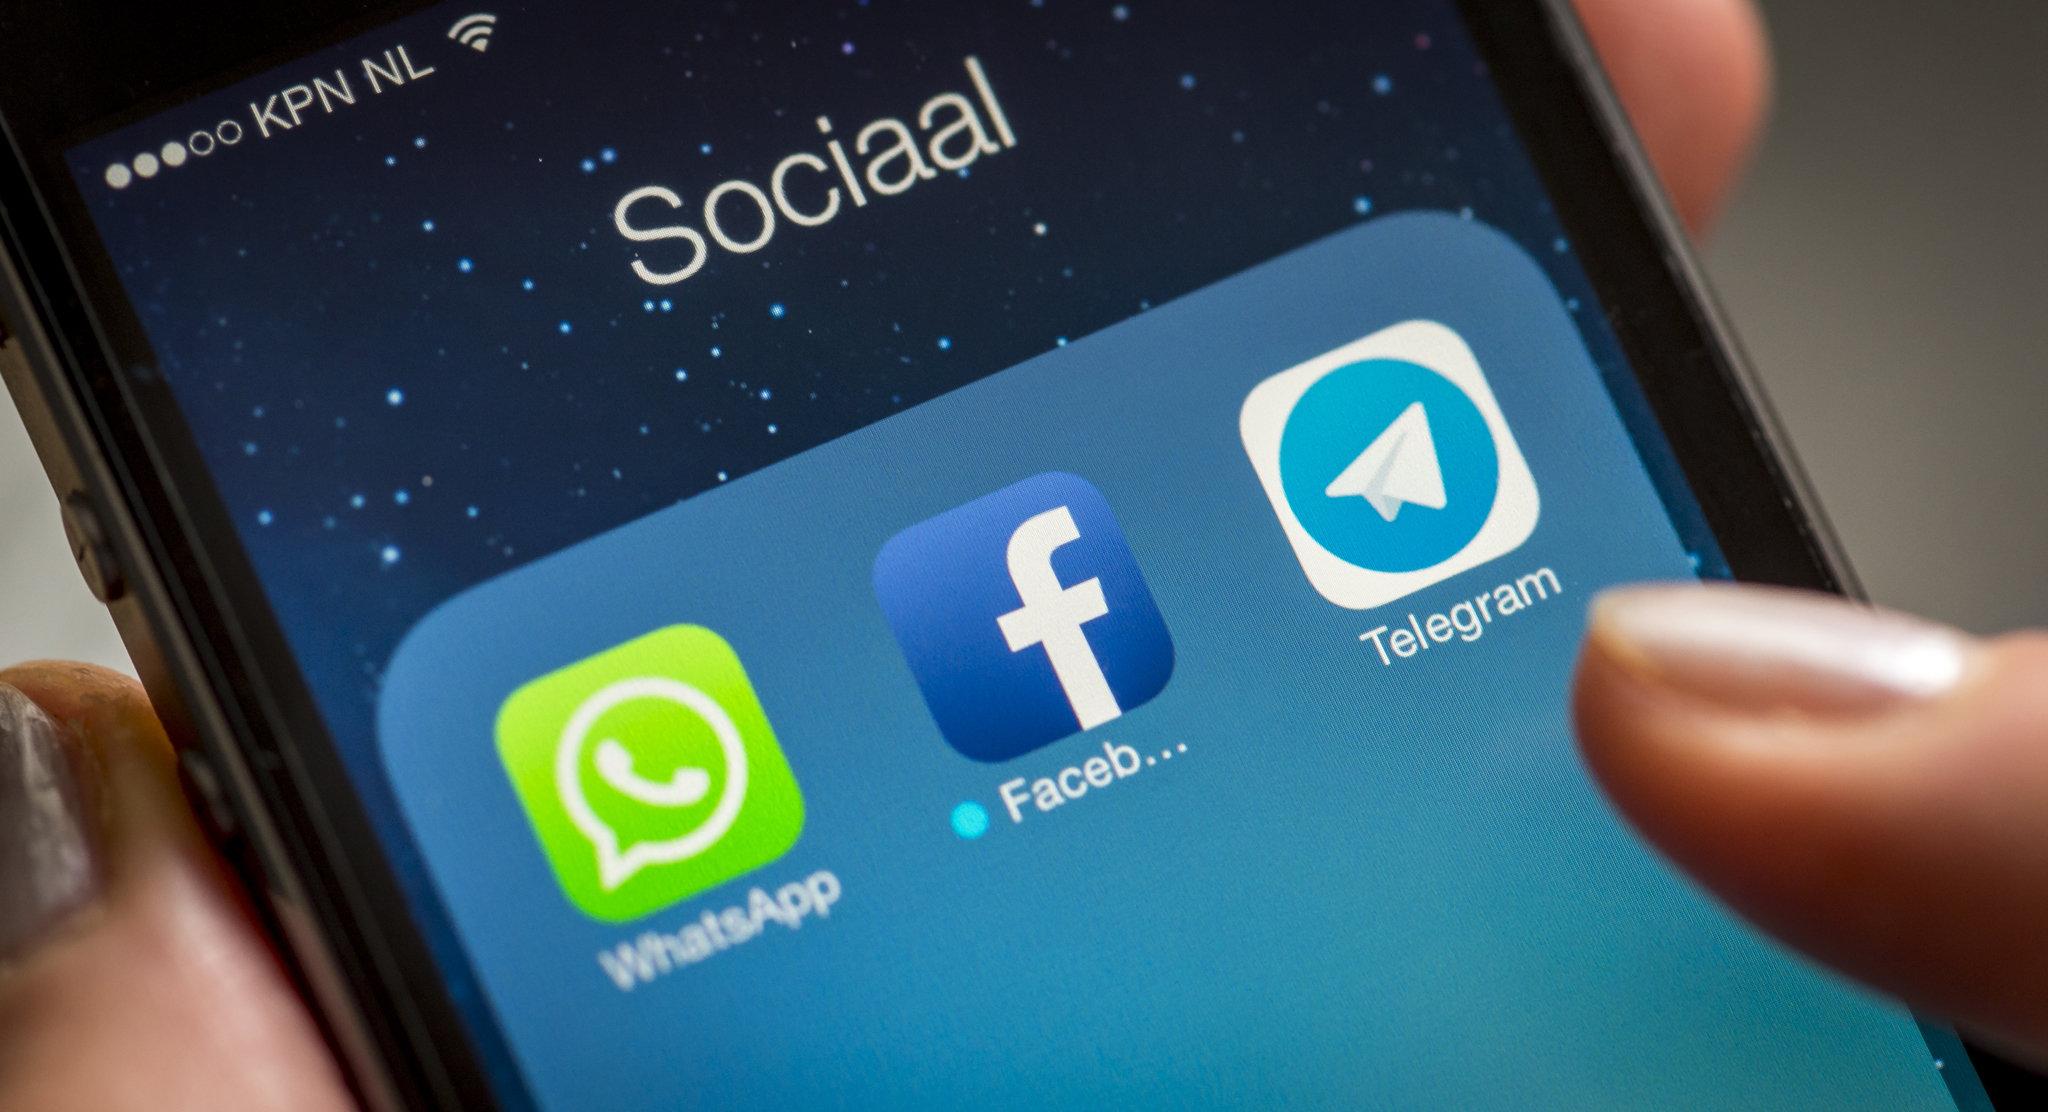 تاثیر عضویت درشبكه های اجتماعی(تلگرام) برعملكرد هنرمندان نقاش (بخش هشتم)